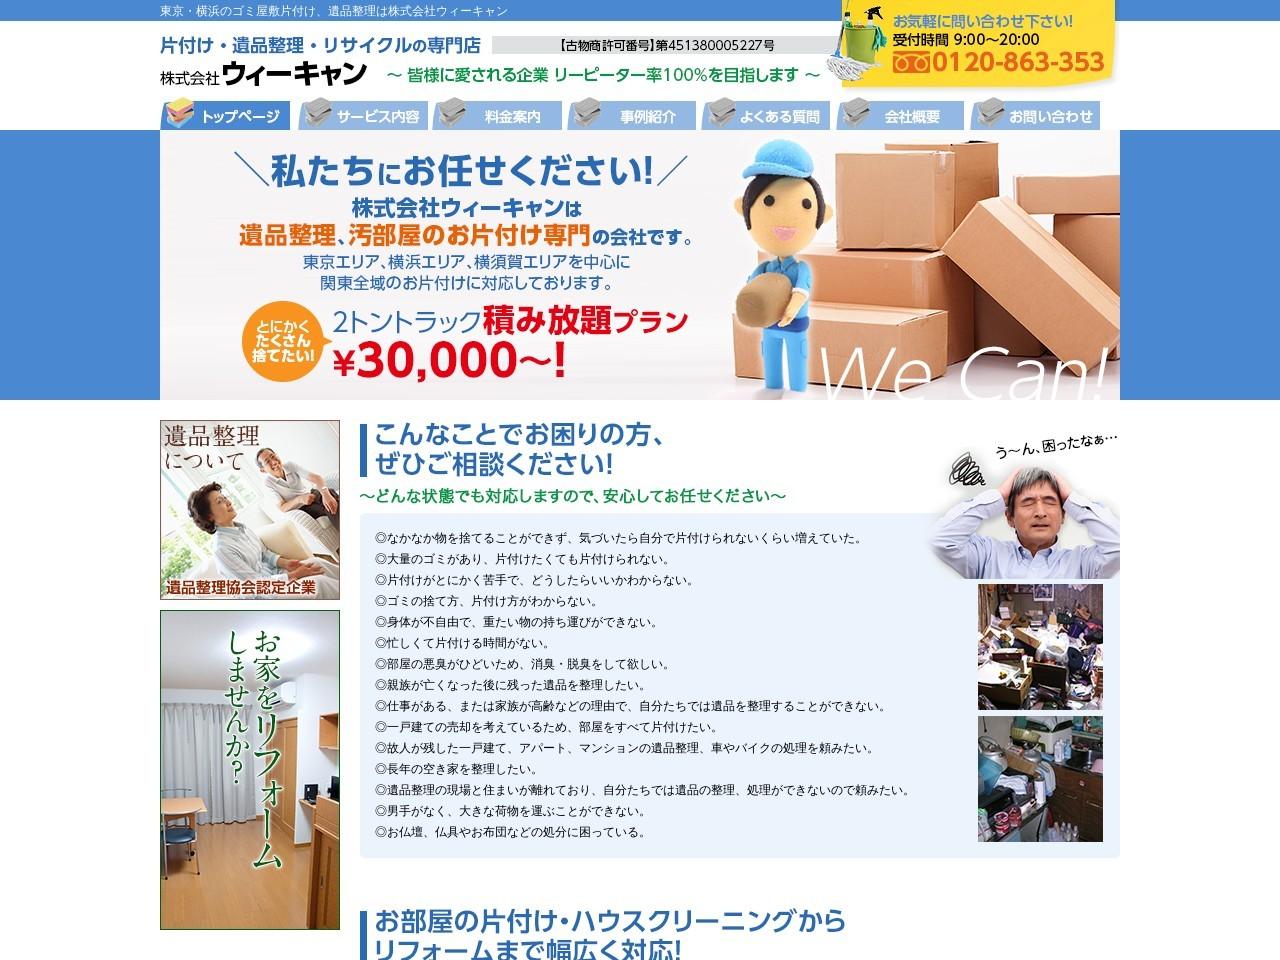 東京・横浜・横須賀のゴミ屋敷片付け|株式会社ウィーキャン